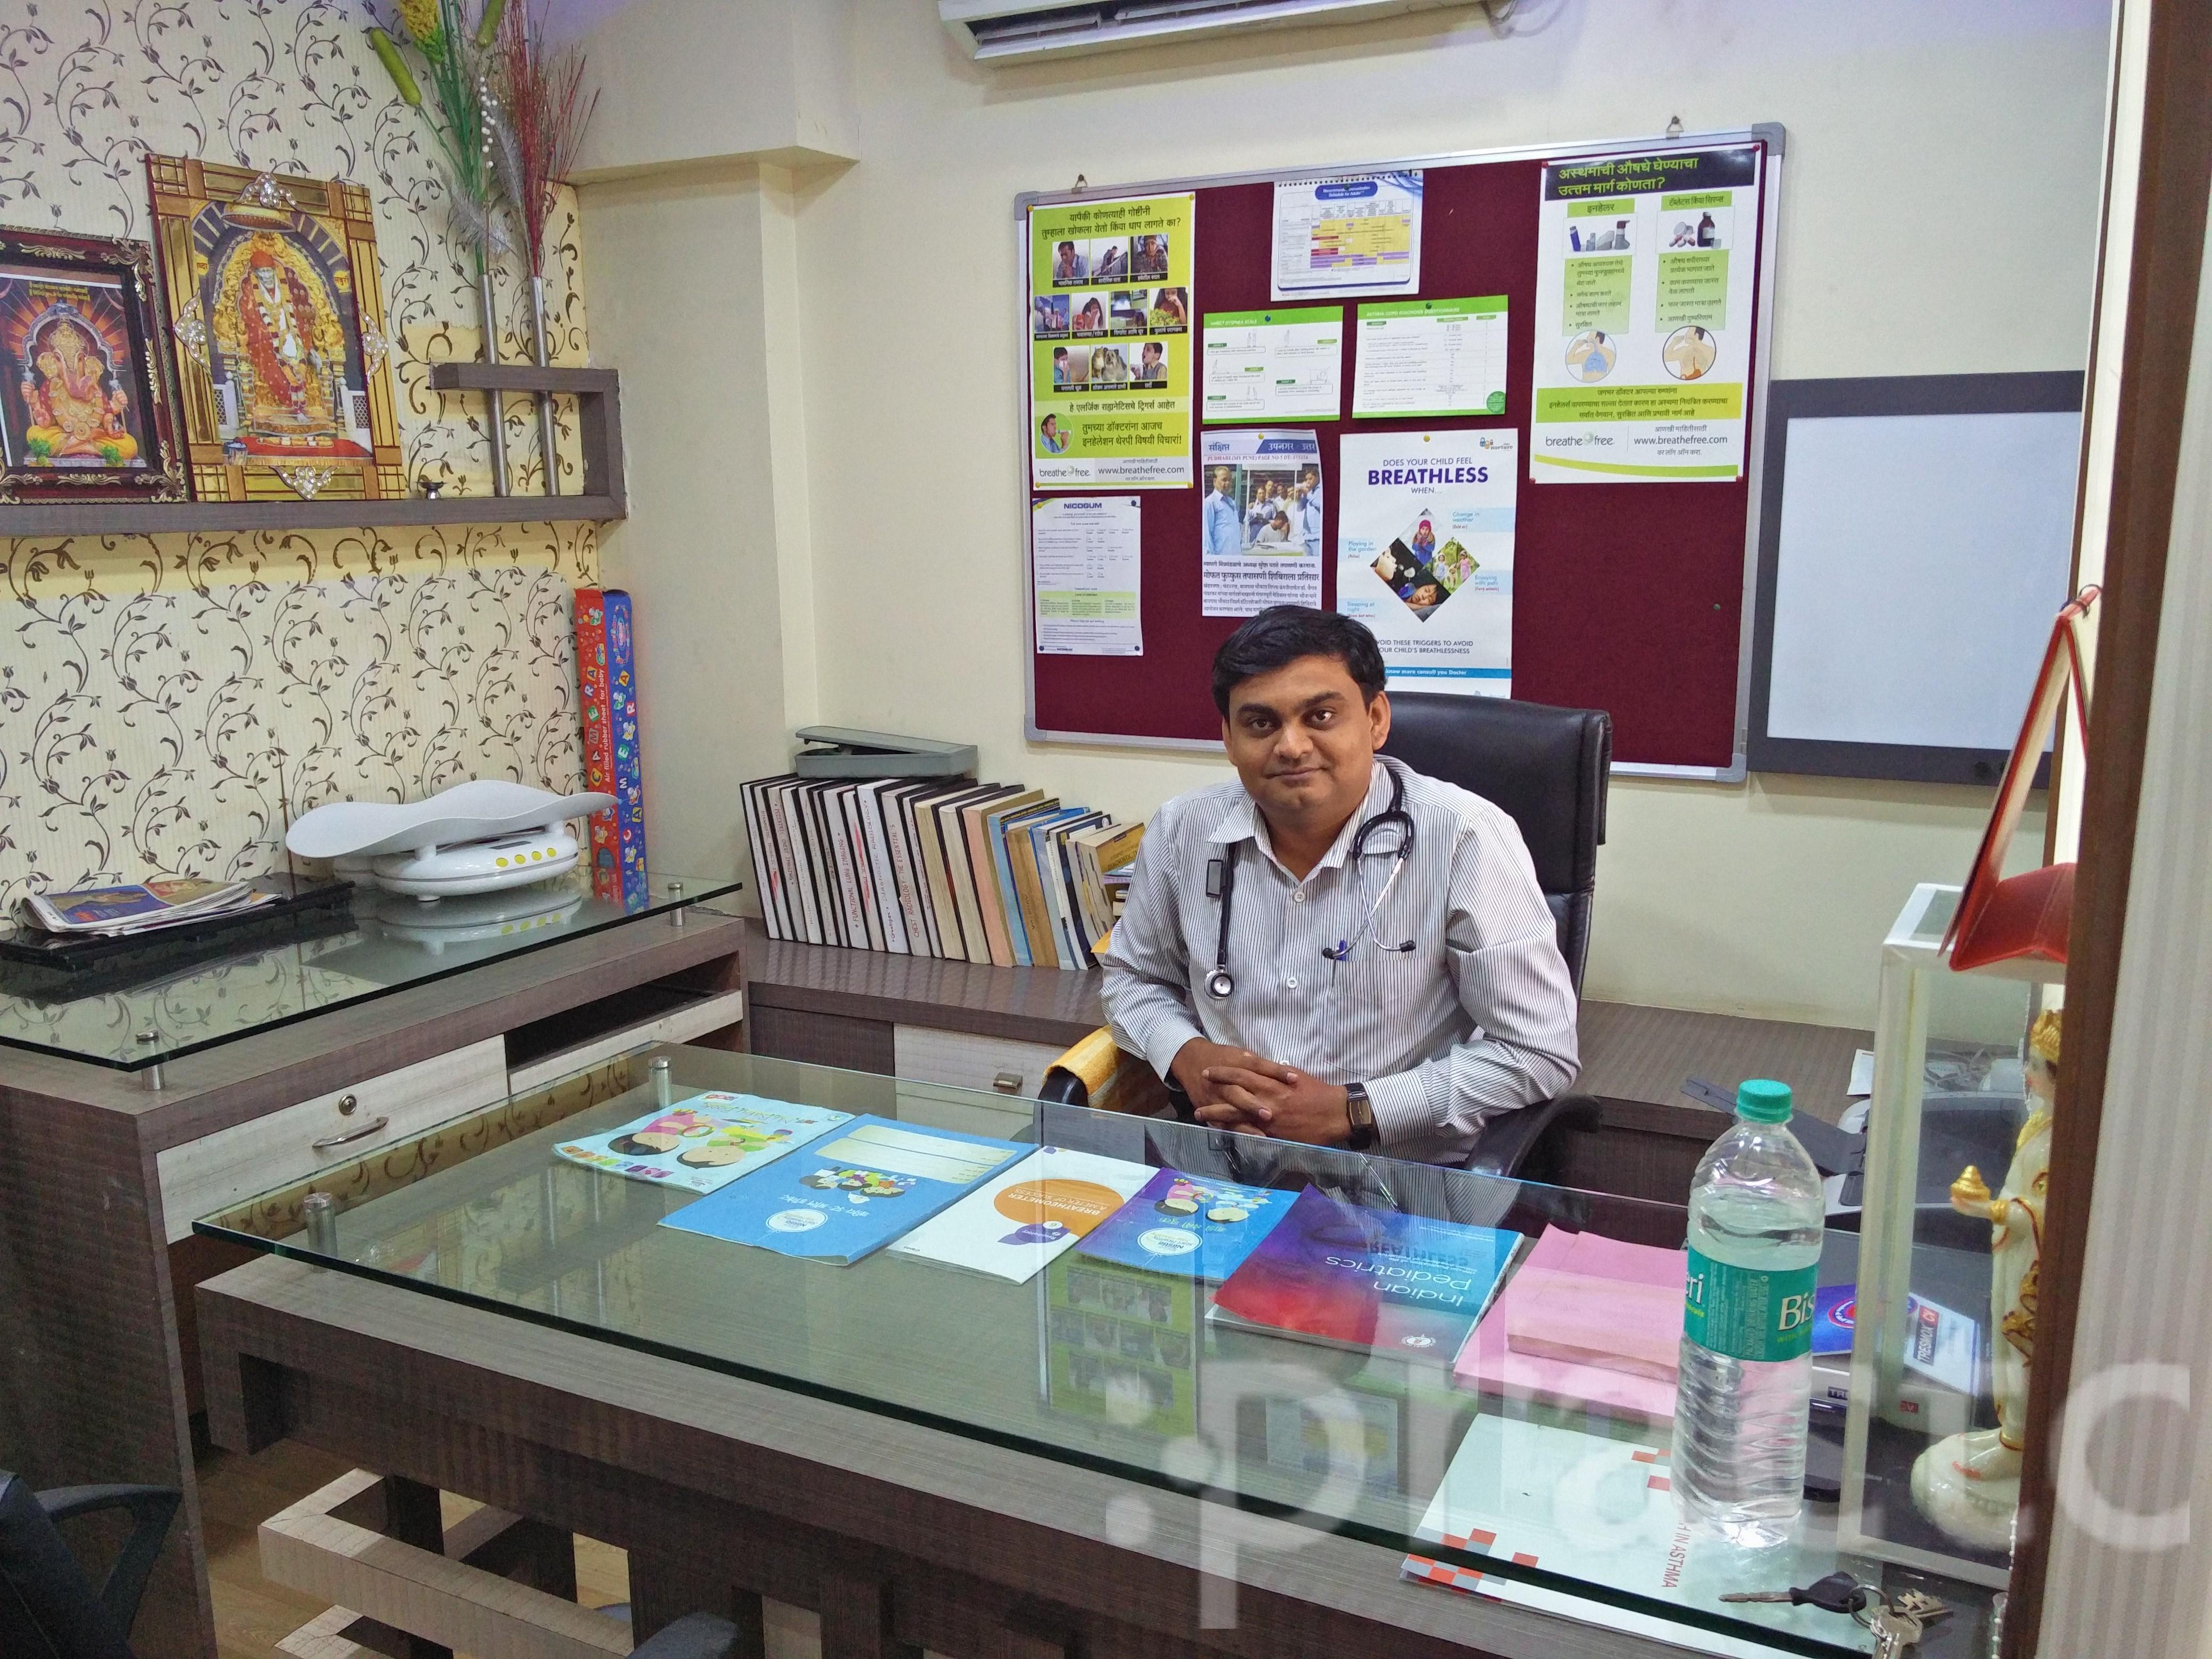 Dr. Jalil S. Mujawar - Pediatrician